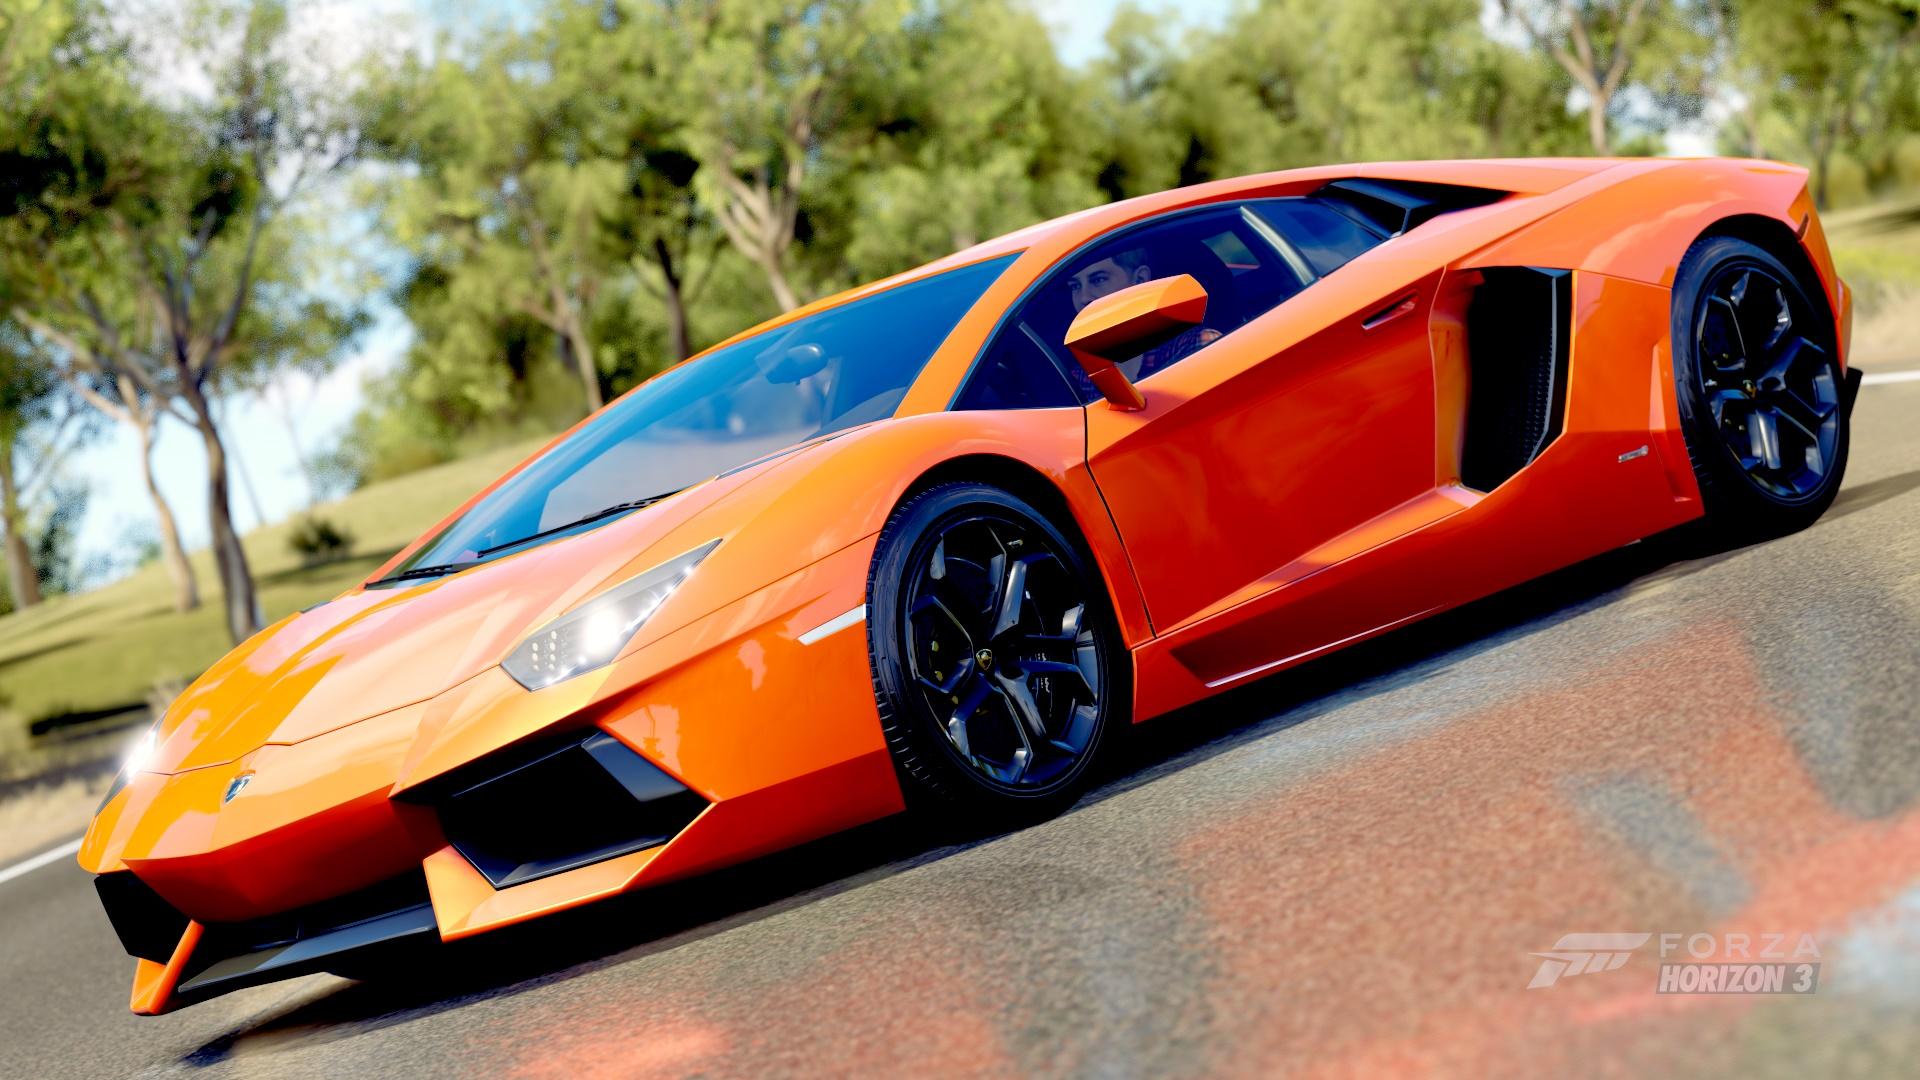 9d2a397f-19c3-454e-8745-e12366a2f4dc.jpg?n=2012%20Lamborghini%20Aventador%20LP700-4%20MSH%20Morten Elegant Lamborghini Huracan forza Horizon 2 Cars Trend